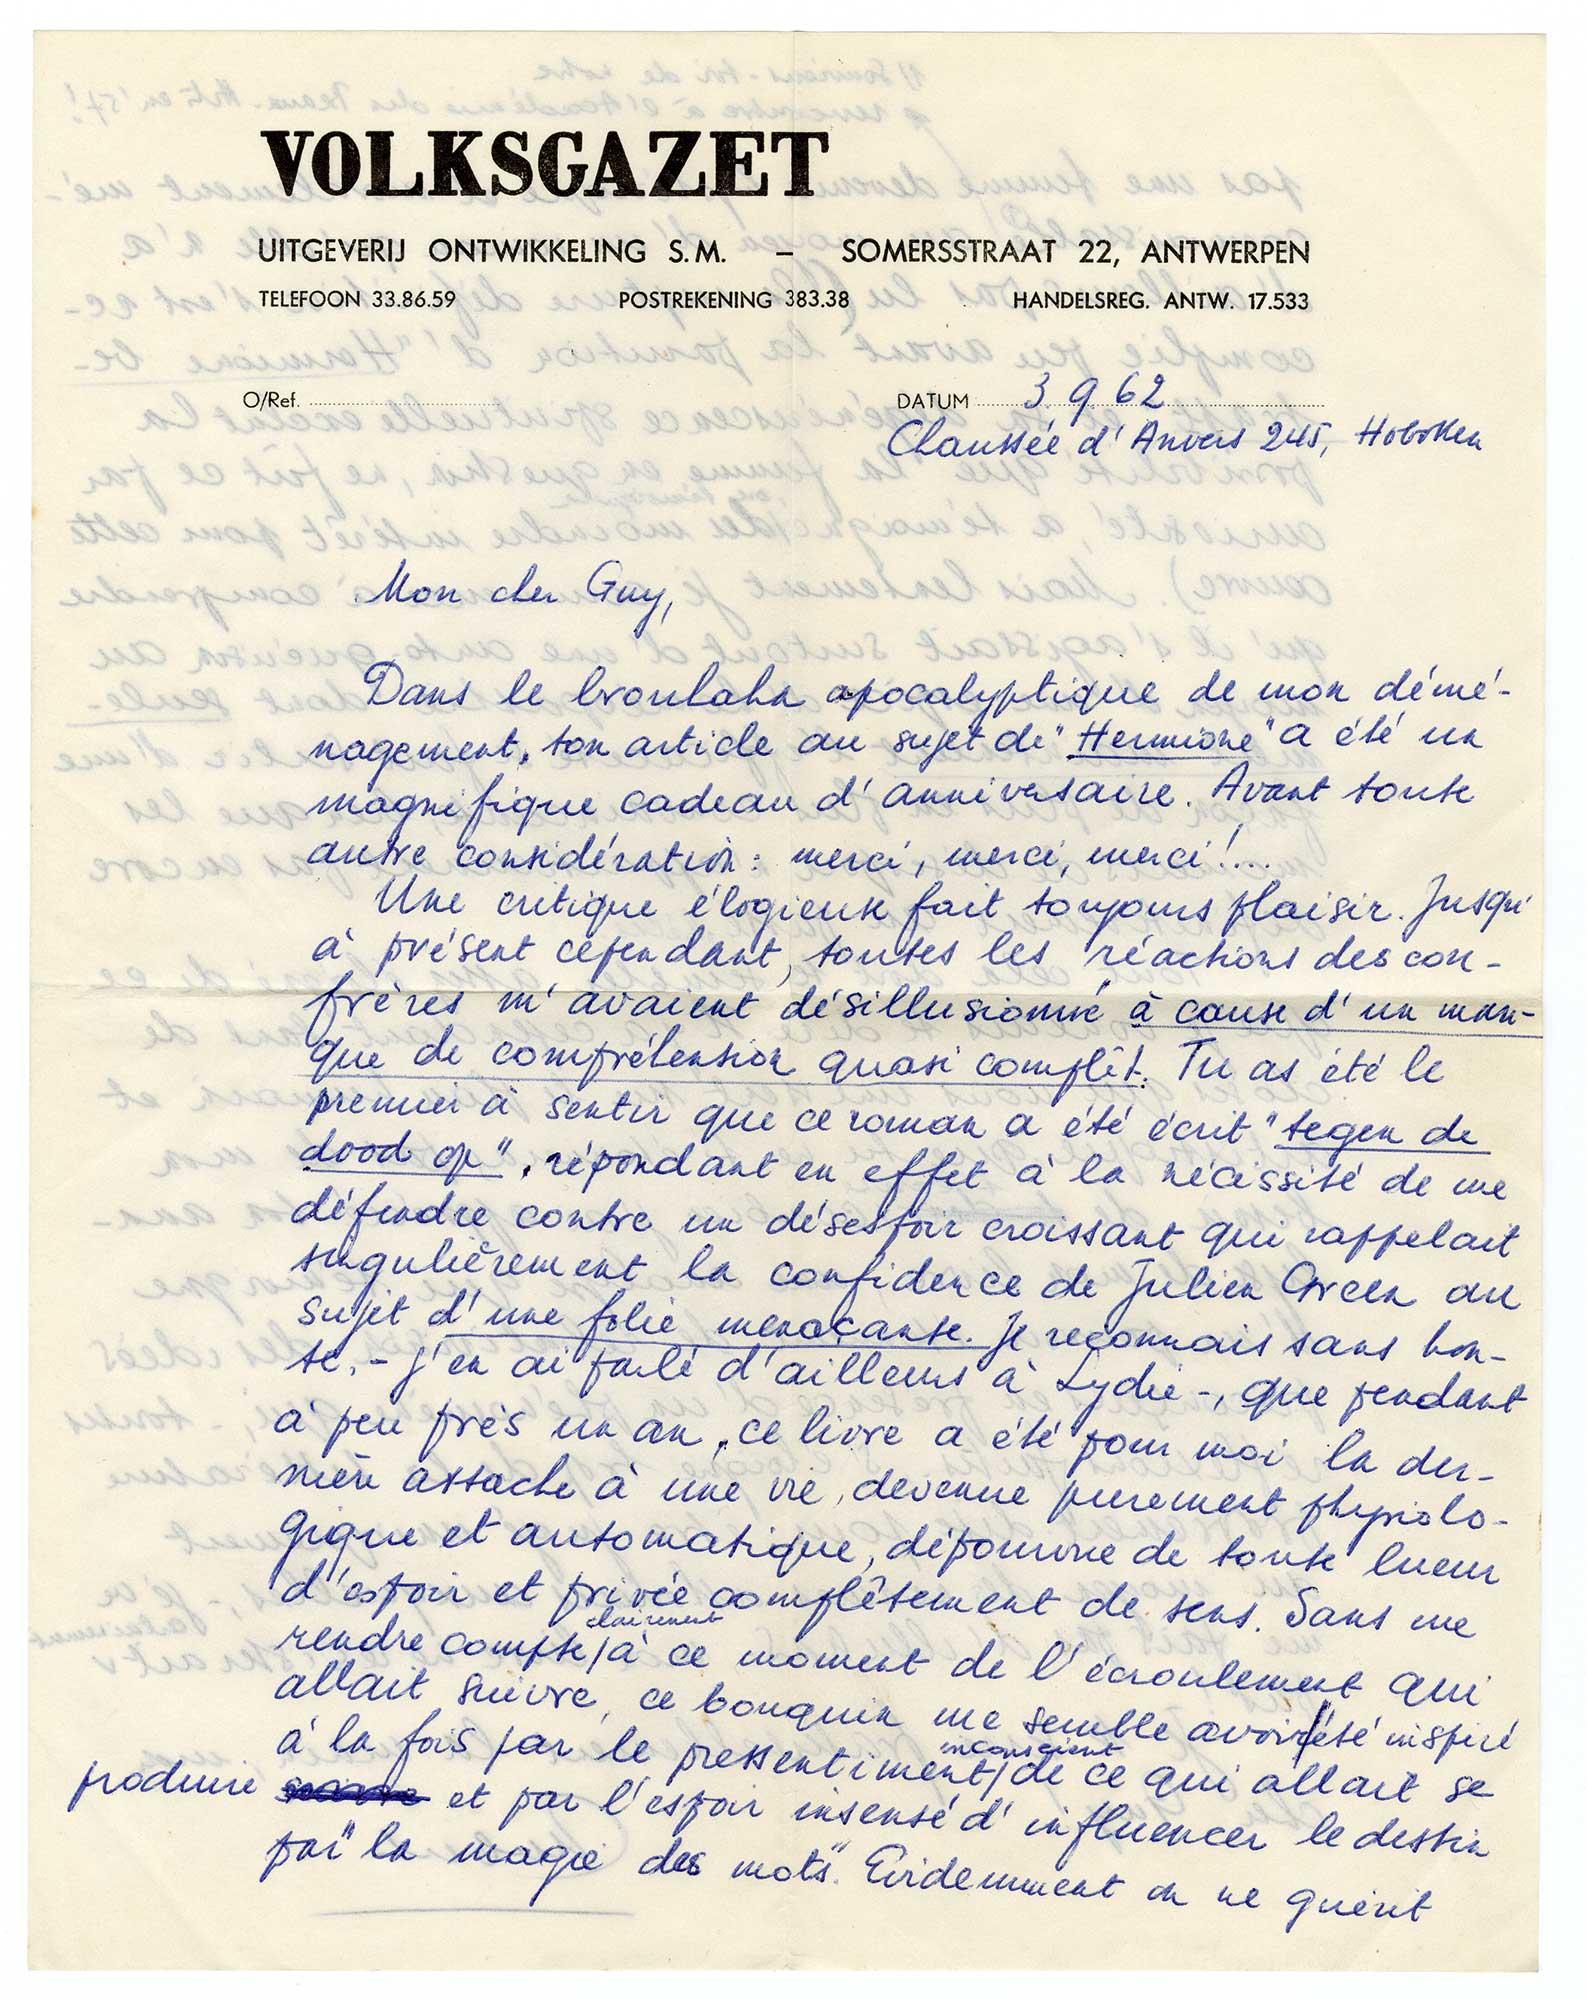 Lettre d'Hubert Lampo à Guy Vaes / crédit : Archives & Musée de la Littérature